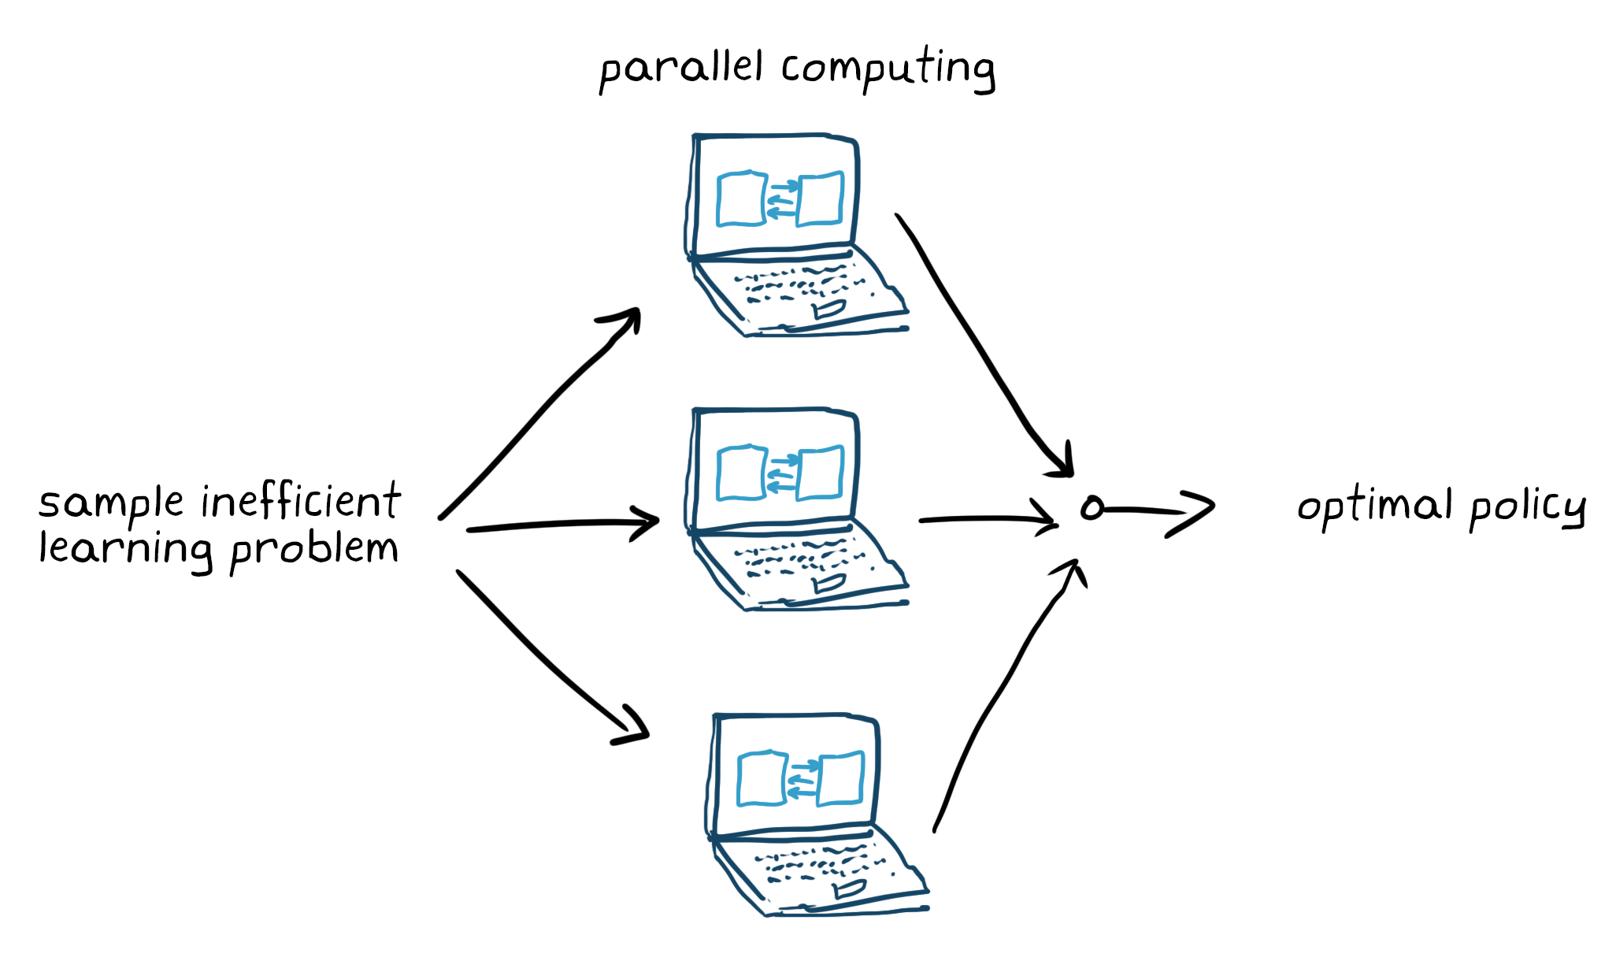 Figura 5. Addestramento di un problema di apprendimento che non risponde al principio di sample efficiency con il calcolo parallelo.